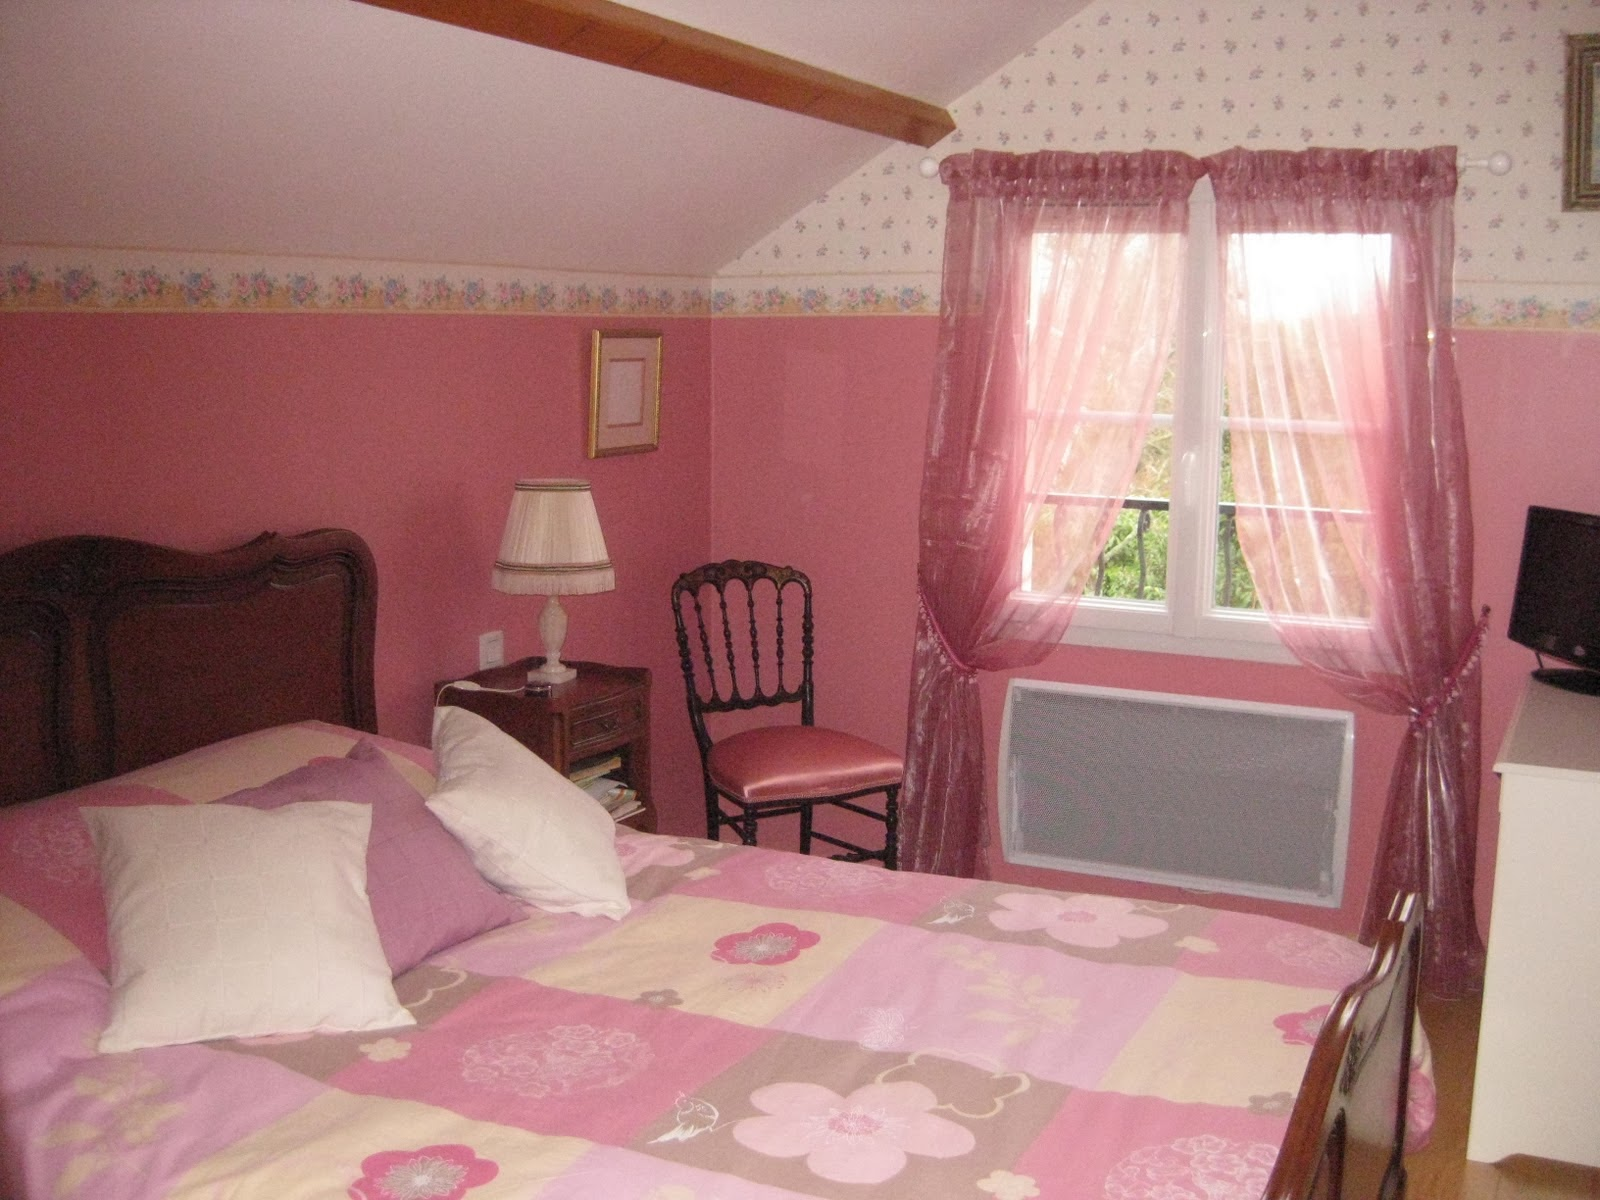 Dormitorio principal color rosa dormitorios colores y - Papel pintado dormitorio principal ...